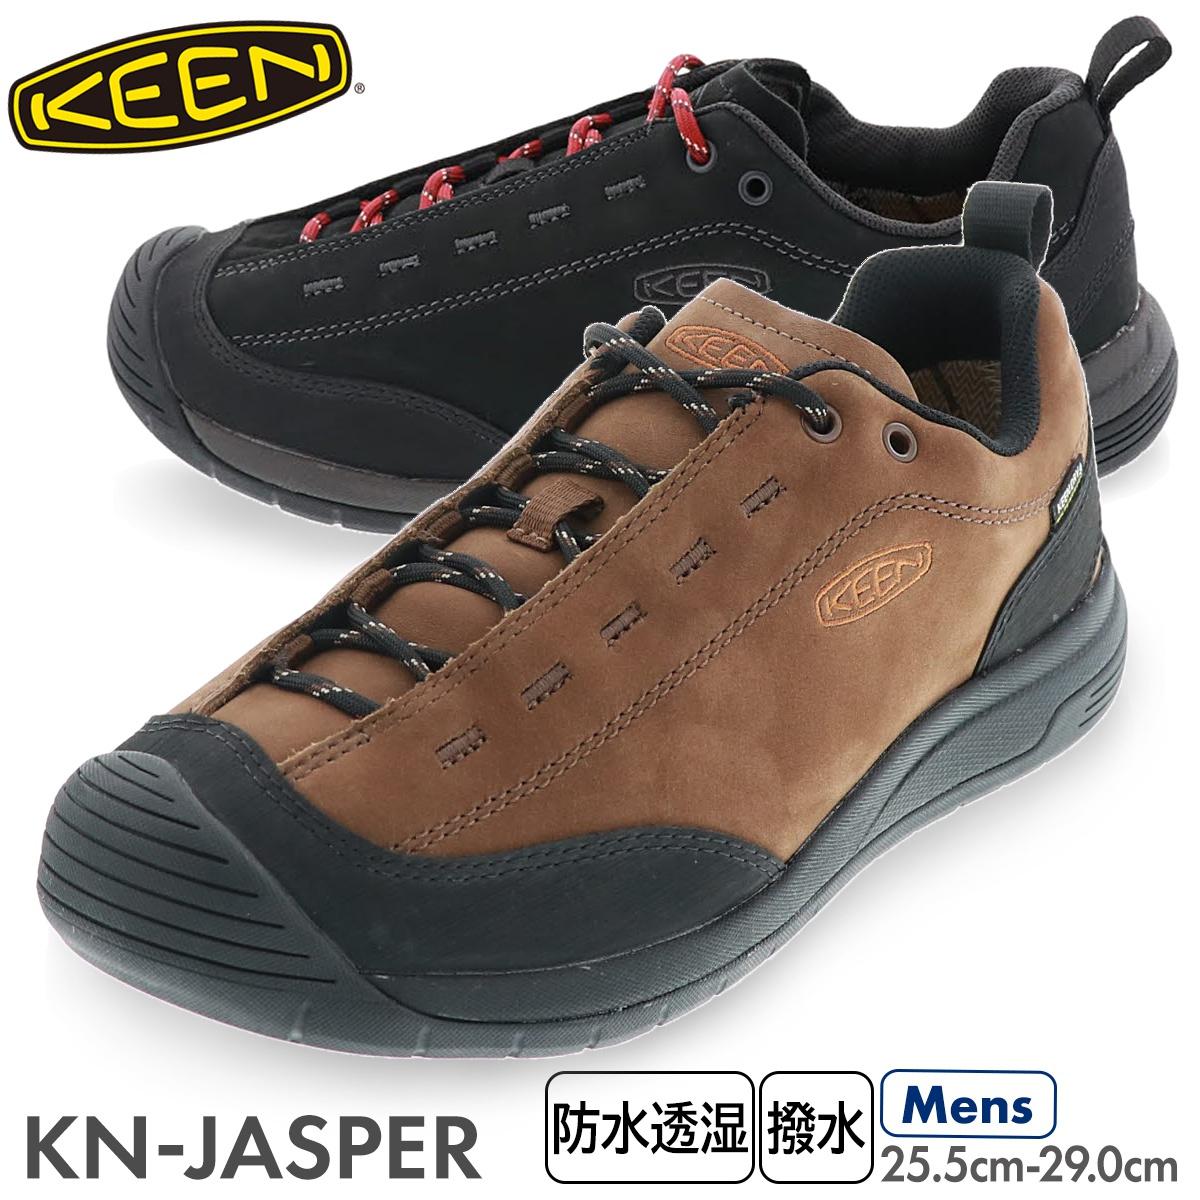 【送料無料 沖縄離島除く】 KEEN キーン メンズ カジュアル KN-JASPER ジャスパー ブラウンベージュ グリーン スカイブルー